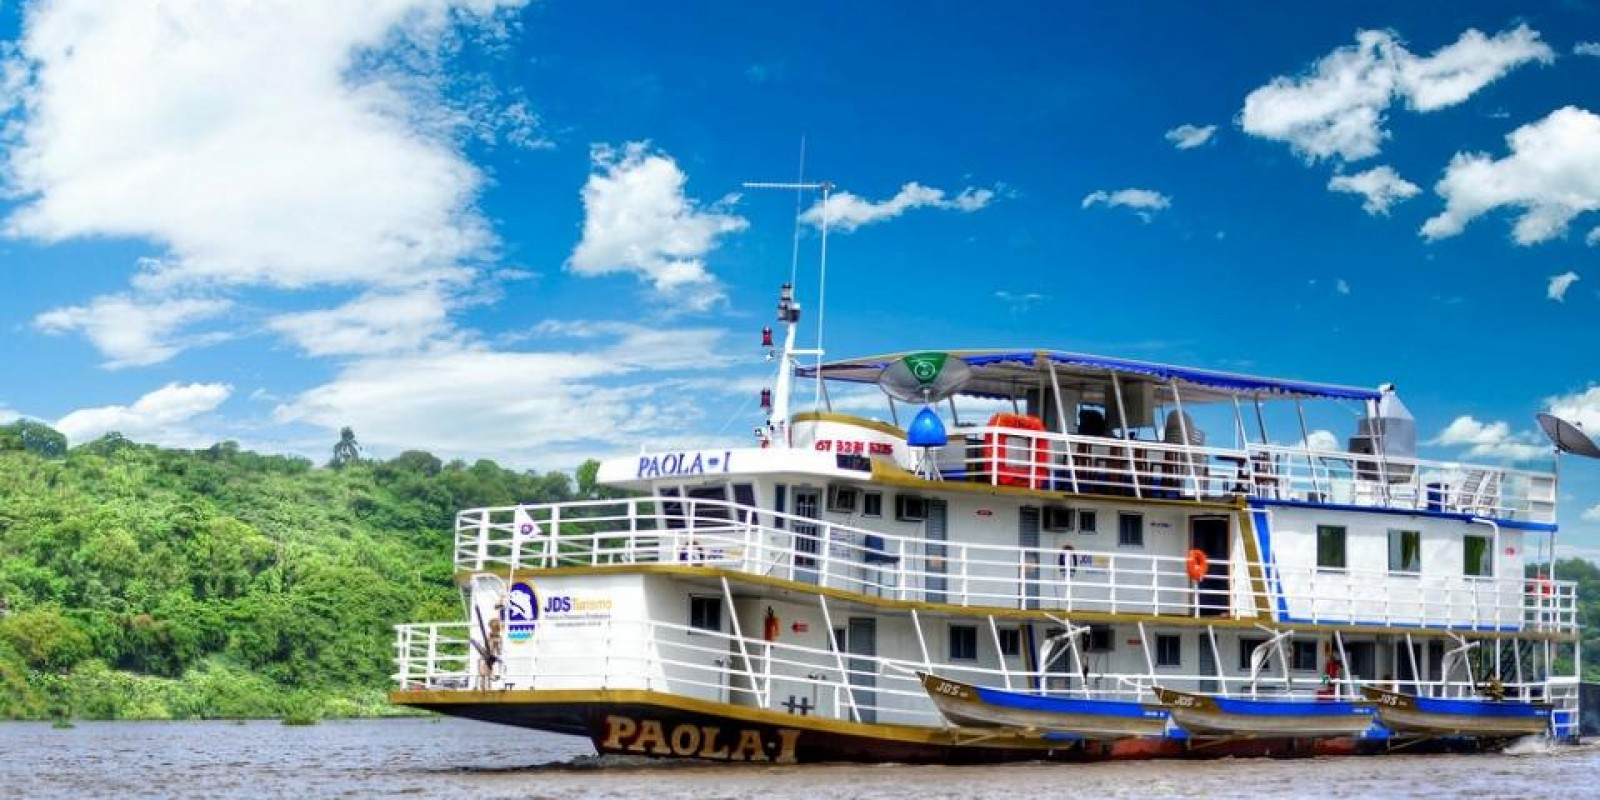 Barco Hotel Paola I - Corumbá - 24 pessoas - Foto 3 de 10